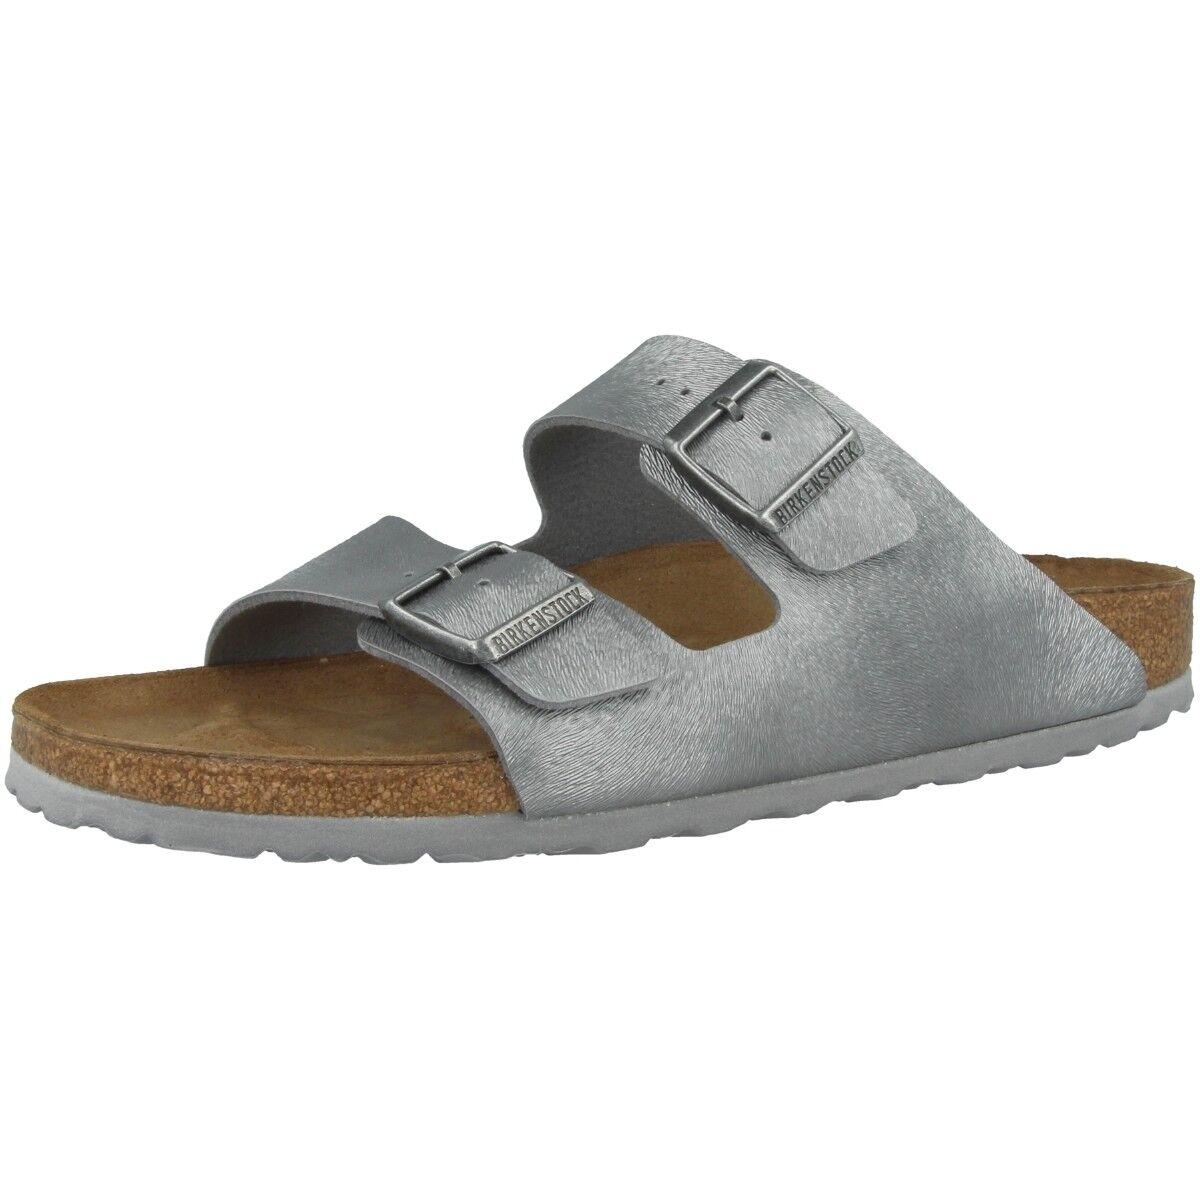 Birkenstock Arizona Birko-Flor Schuhe Sandale animal gray Weite schmal 1008690